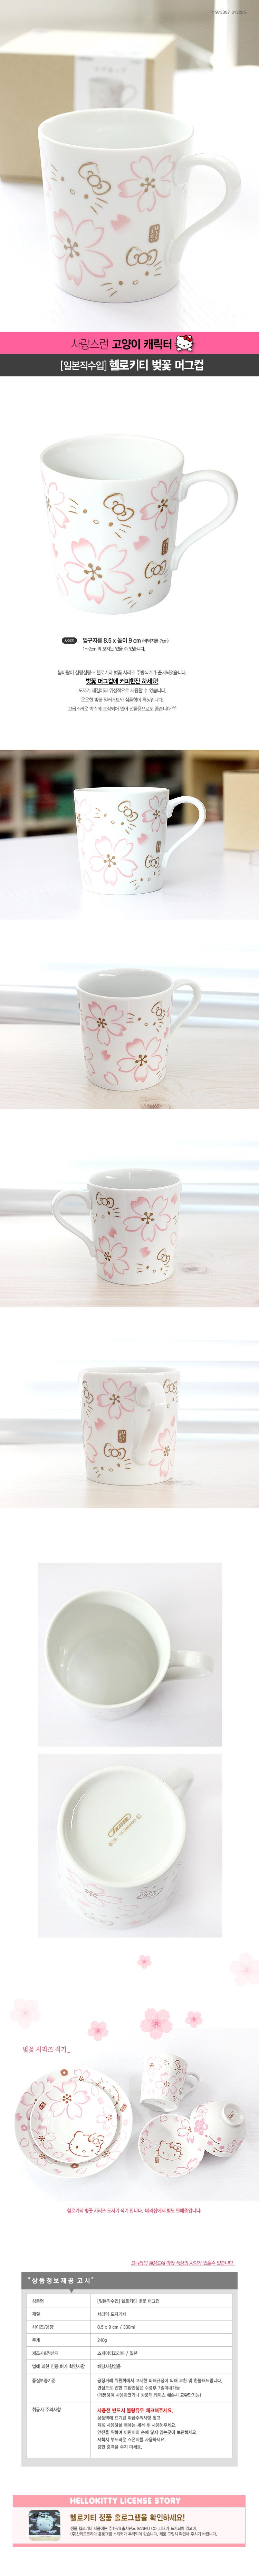 일본직수입 헬로키티 벚꽃 머그컵 - 스케이터, 15,500원, 머그컵, 패턴머그